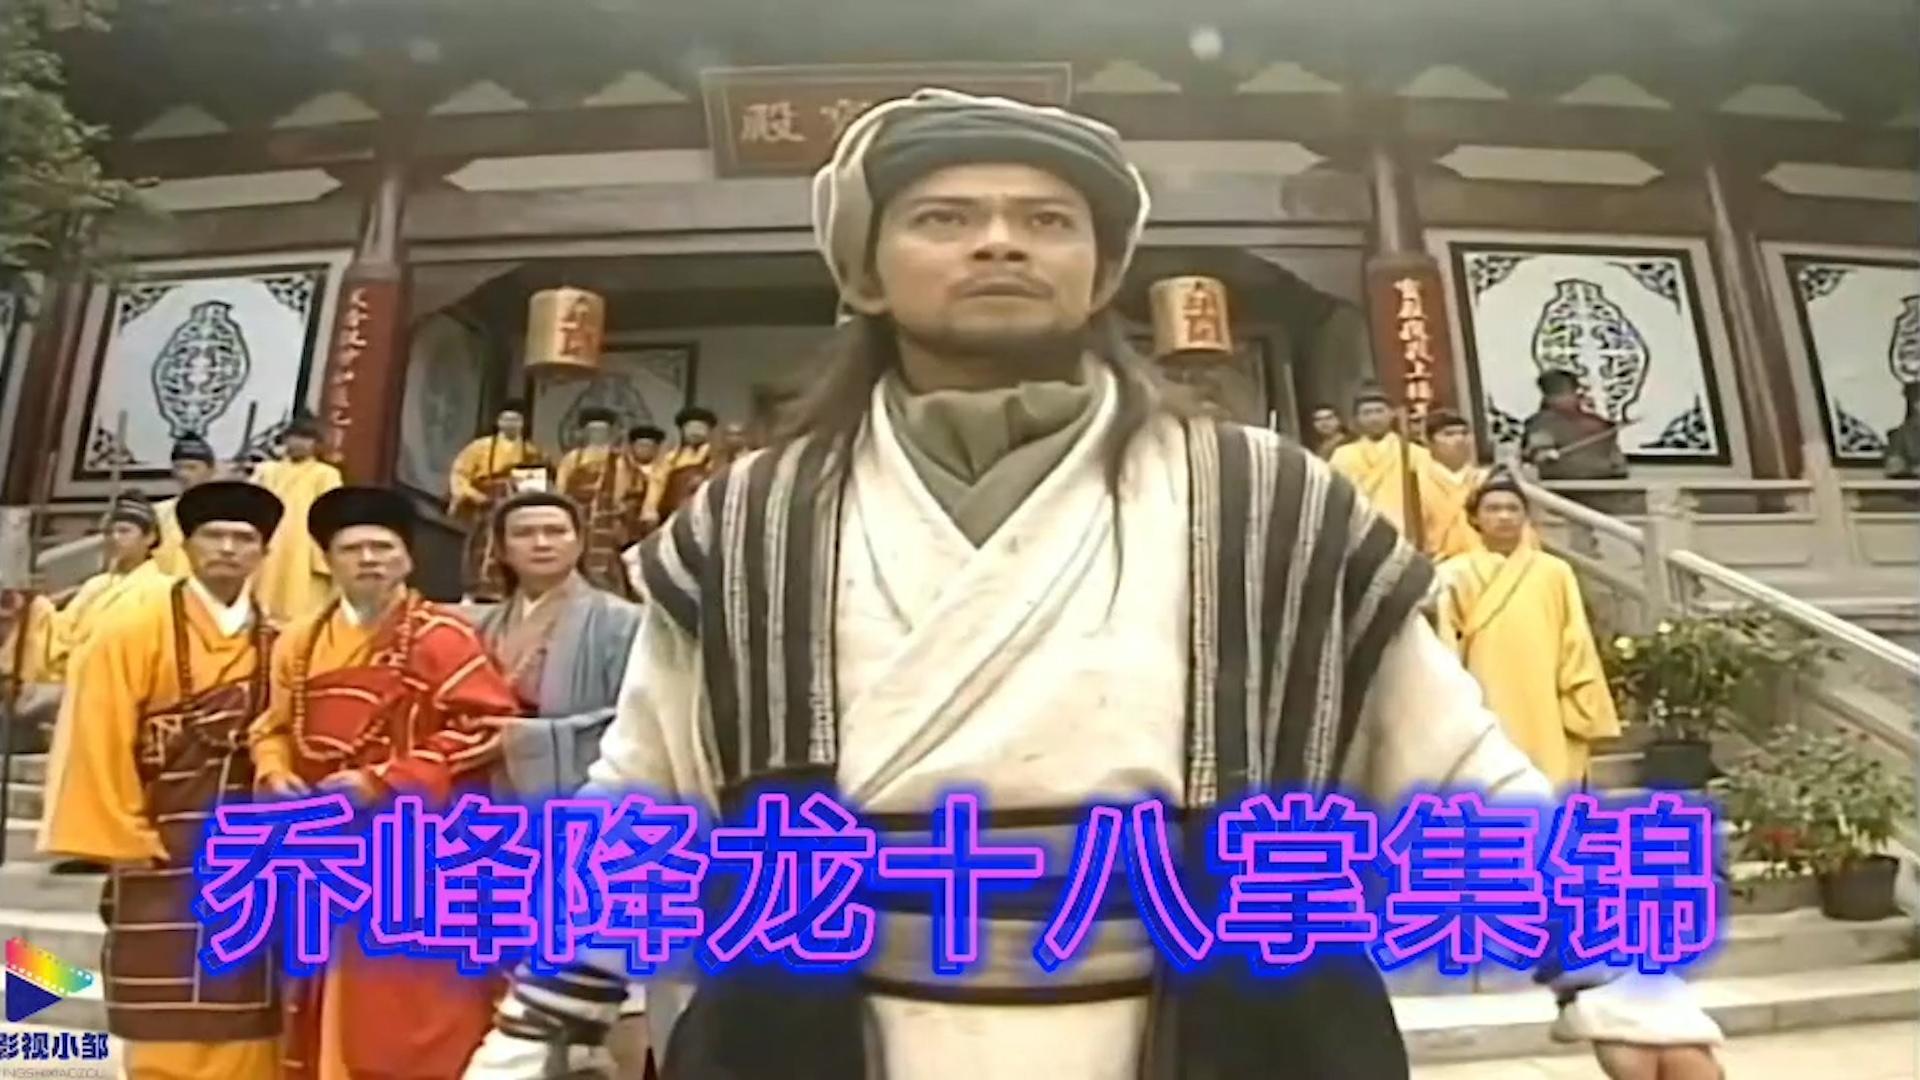 重温经典97版《天龙八部》:乔峰降龙十八掌集锦